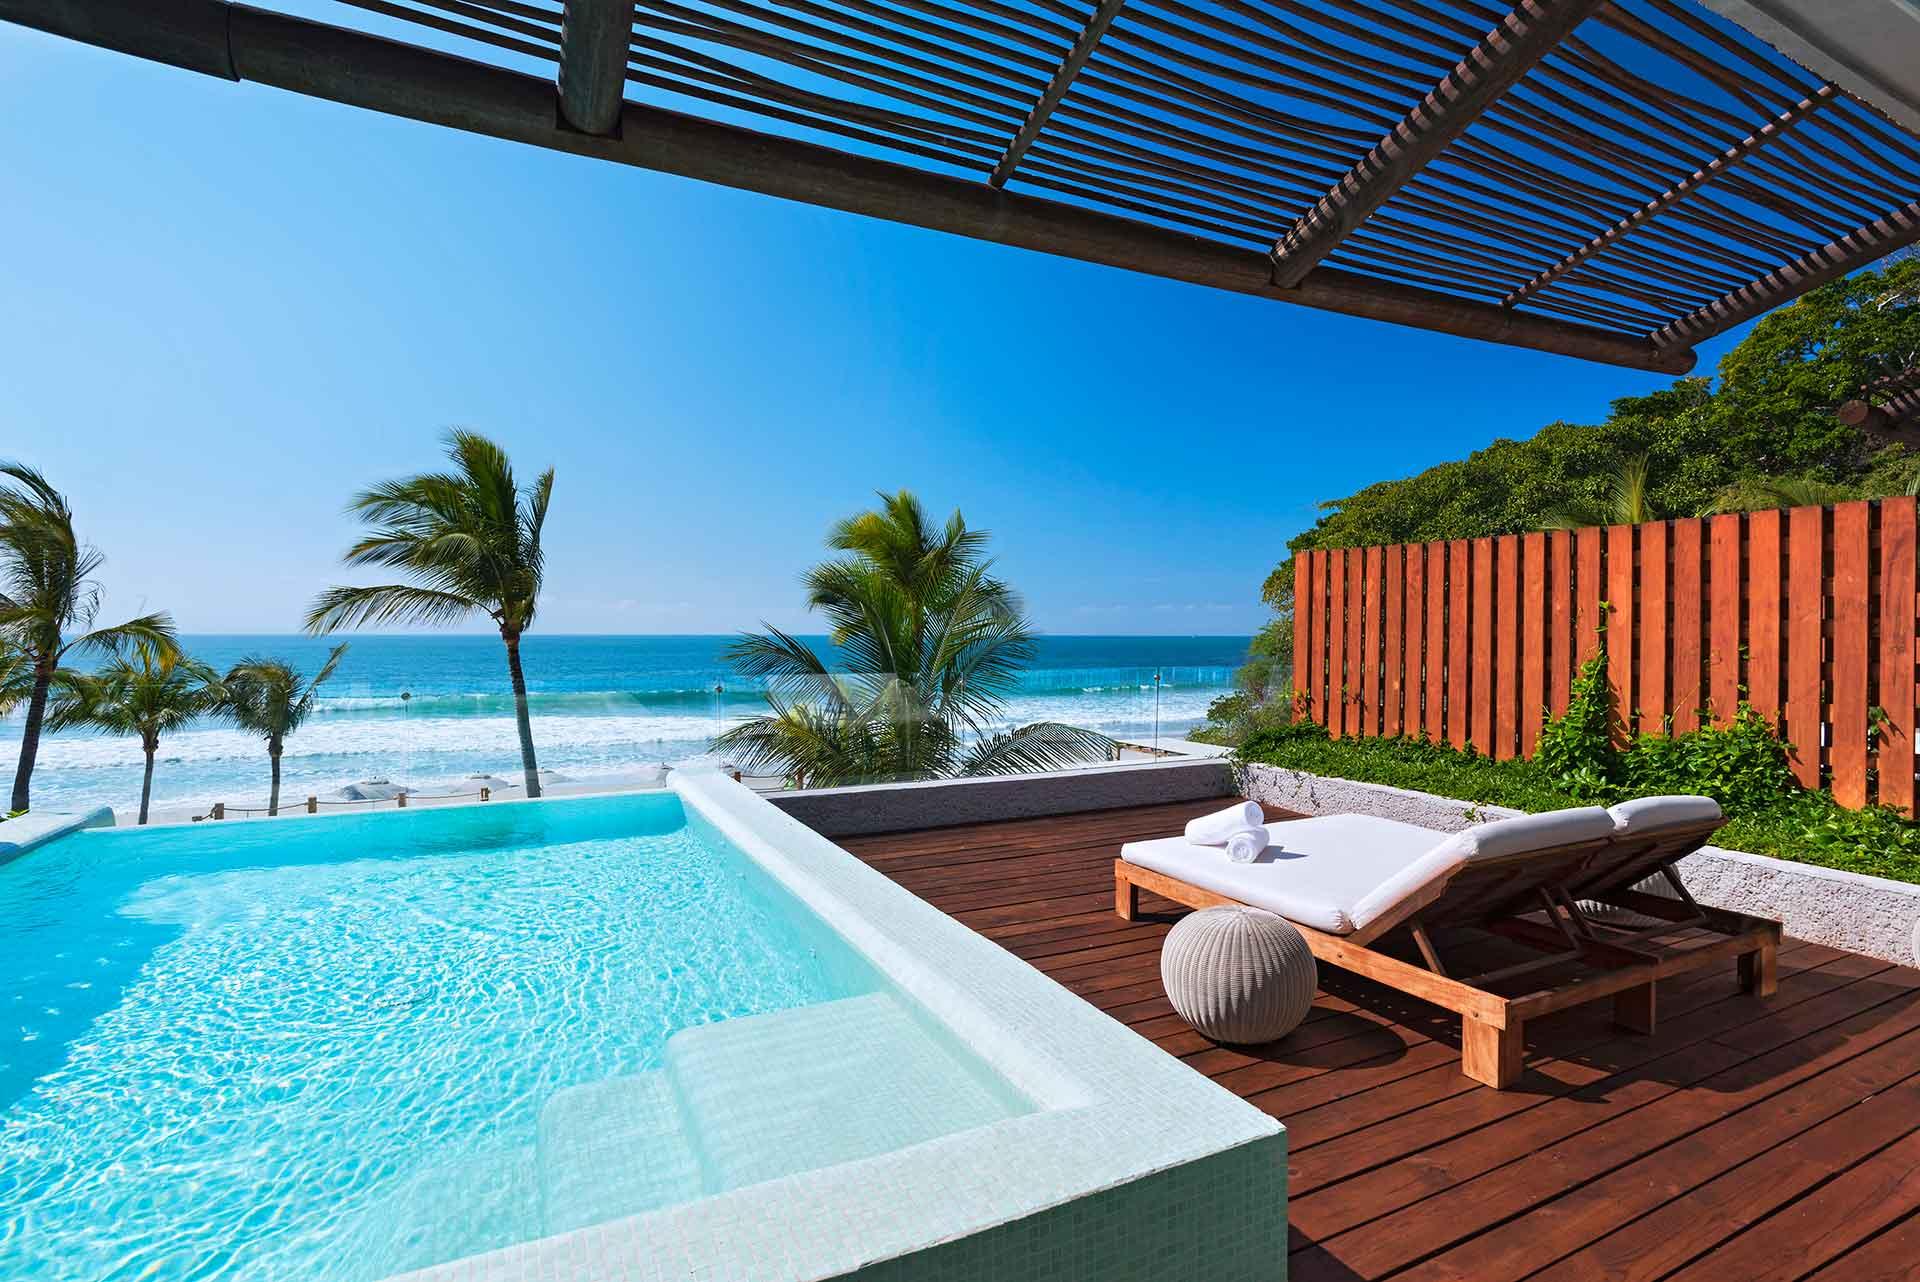 Hotel W Punta de Mita